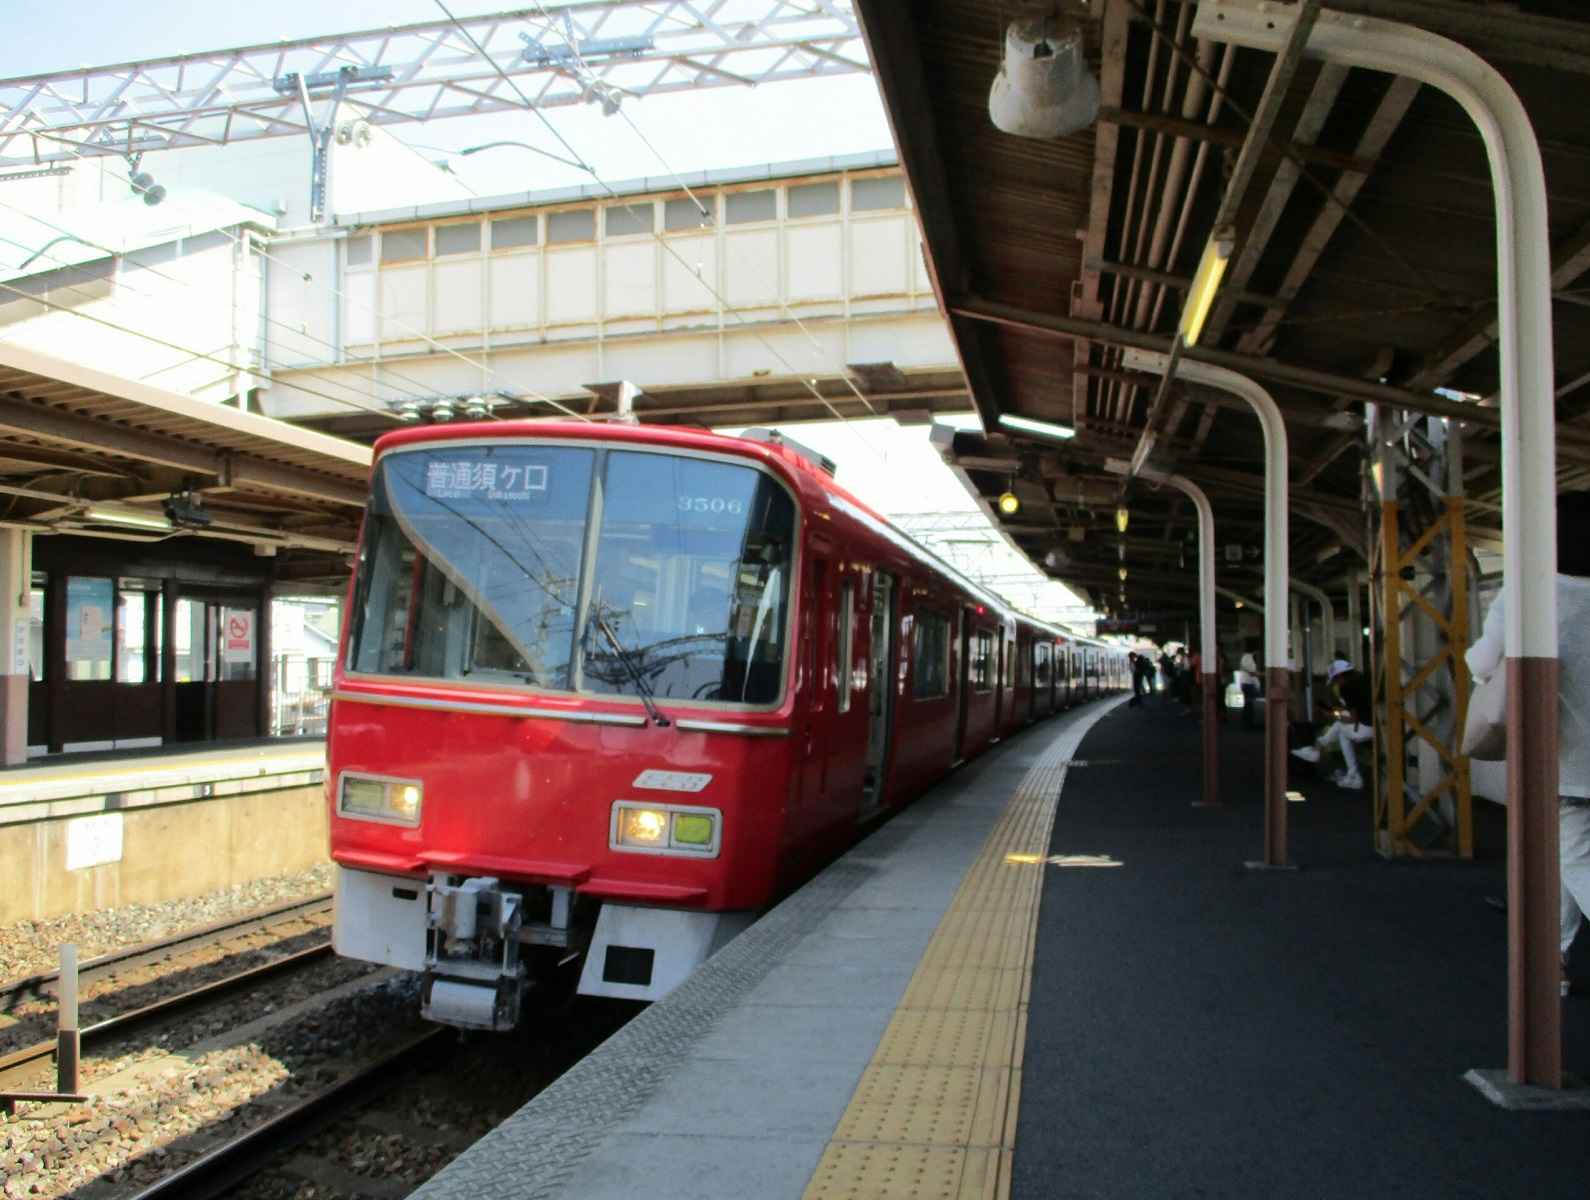 2018.7.18 (22) 笠松 - 須ヶ口いきふつう 1590-1200